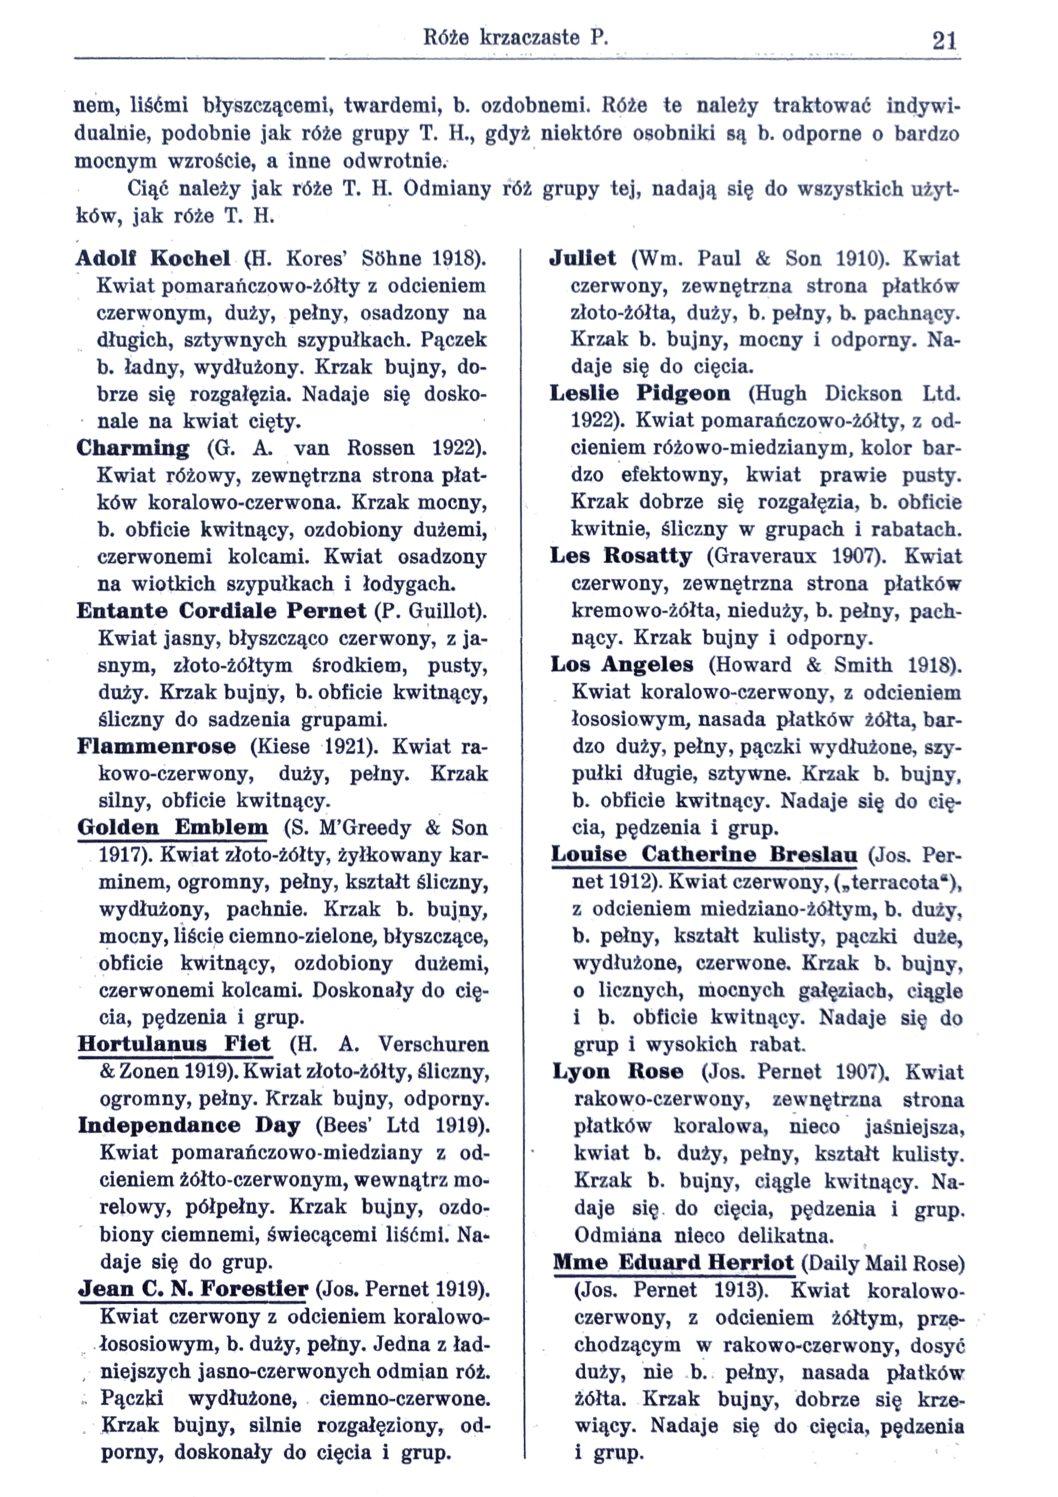 Cennik szkółek ogrodniczych Stanisława Dzieduszyckiego 21